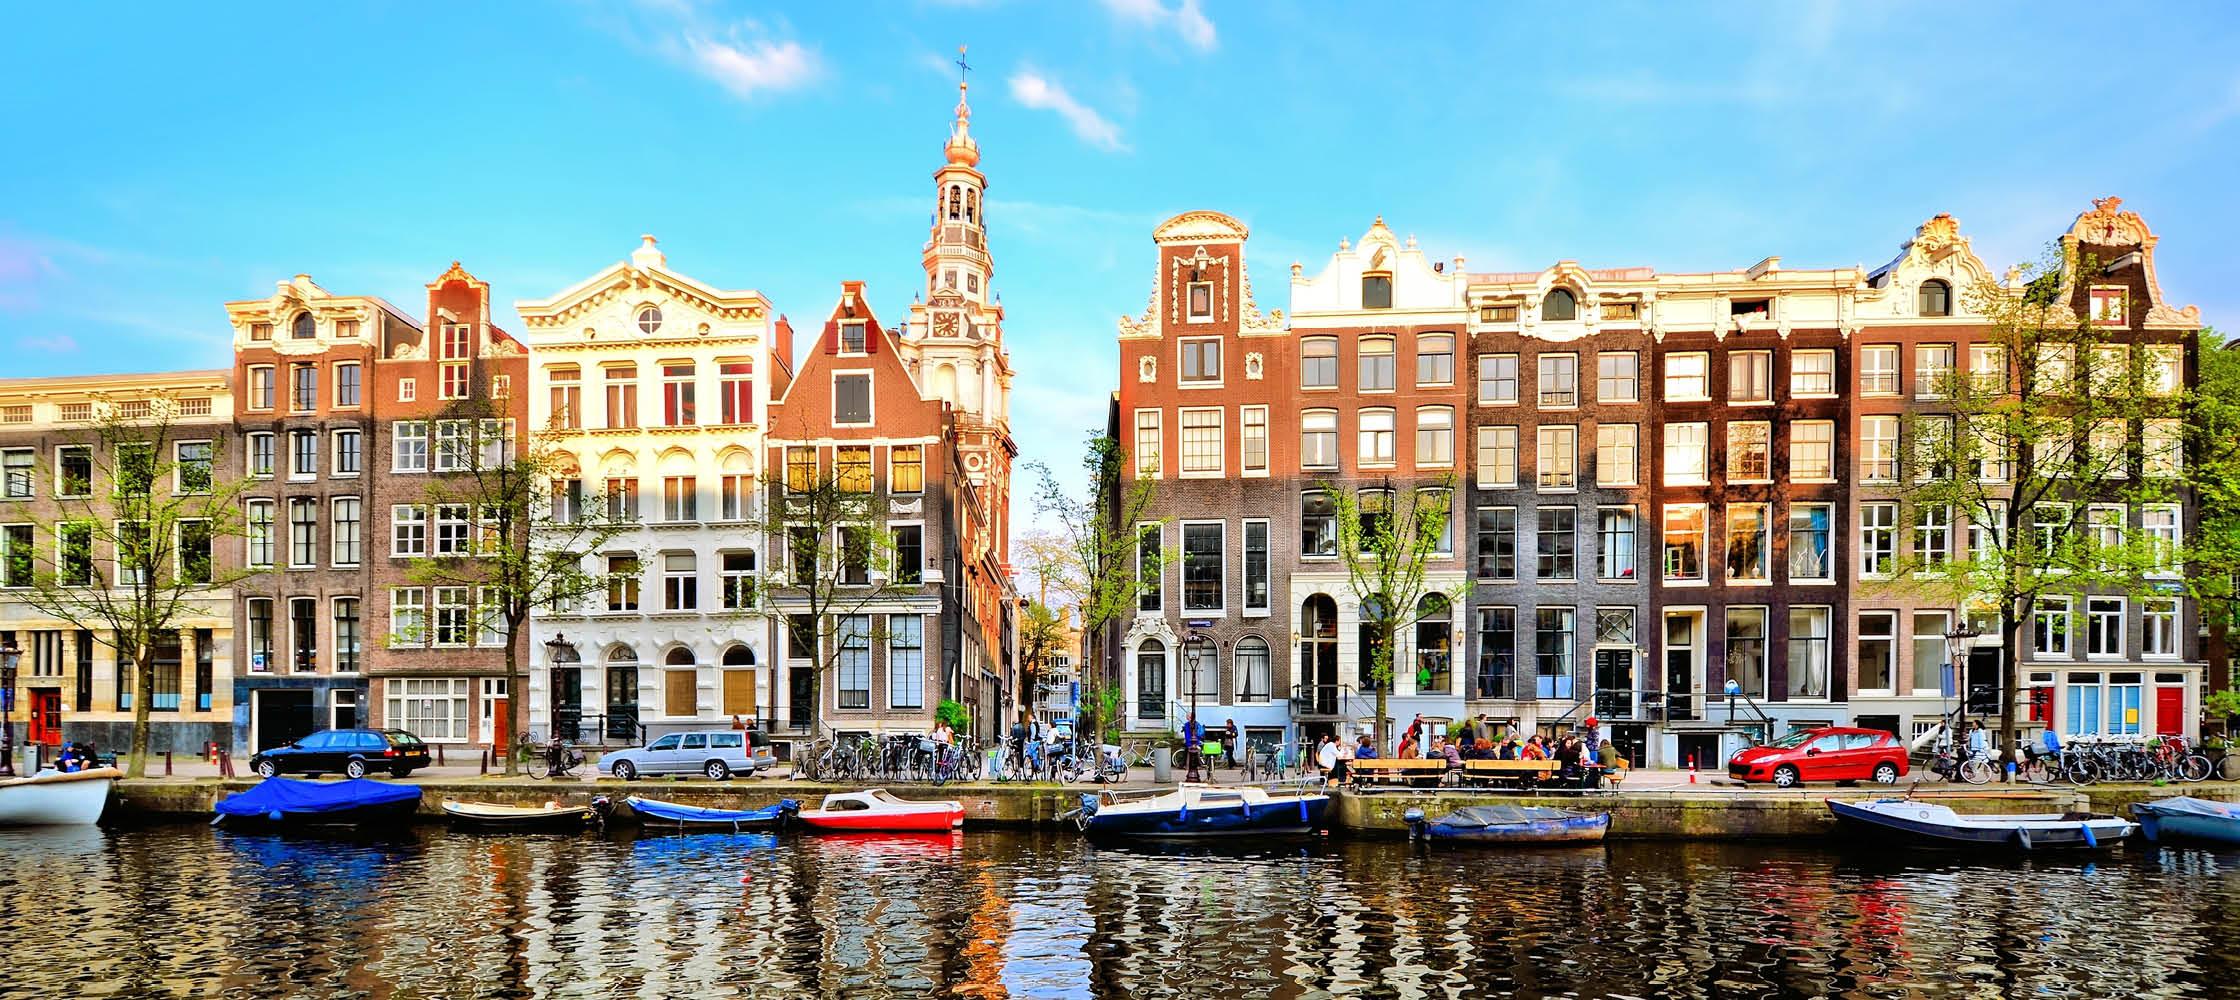 färggranna hus vid kanalerna i amsterdam